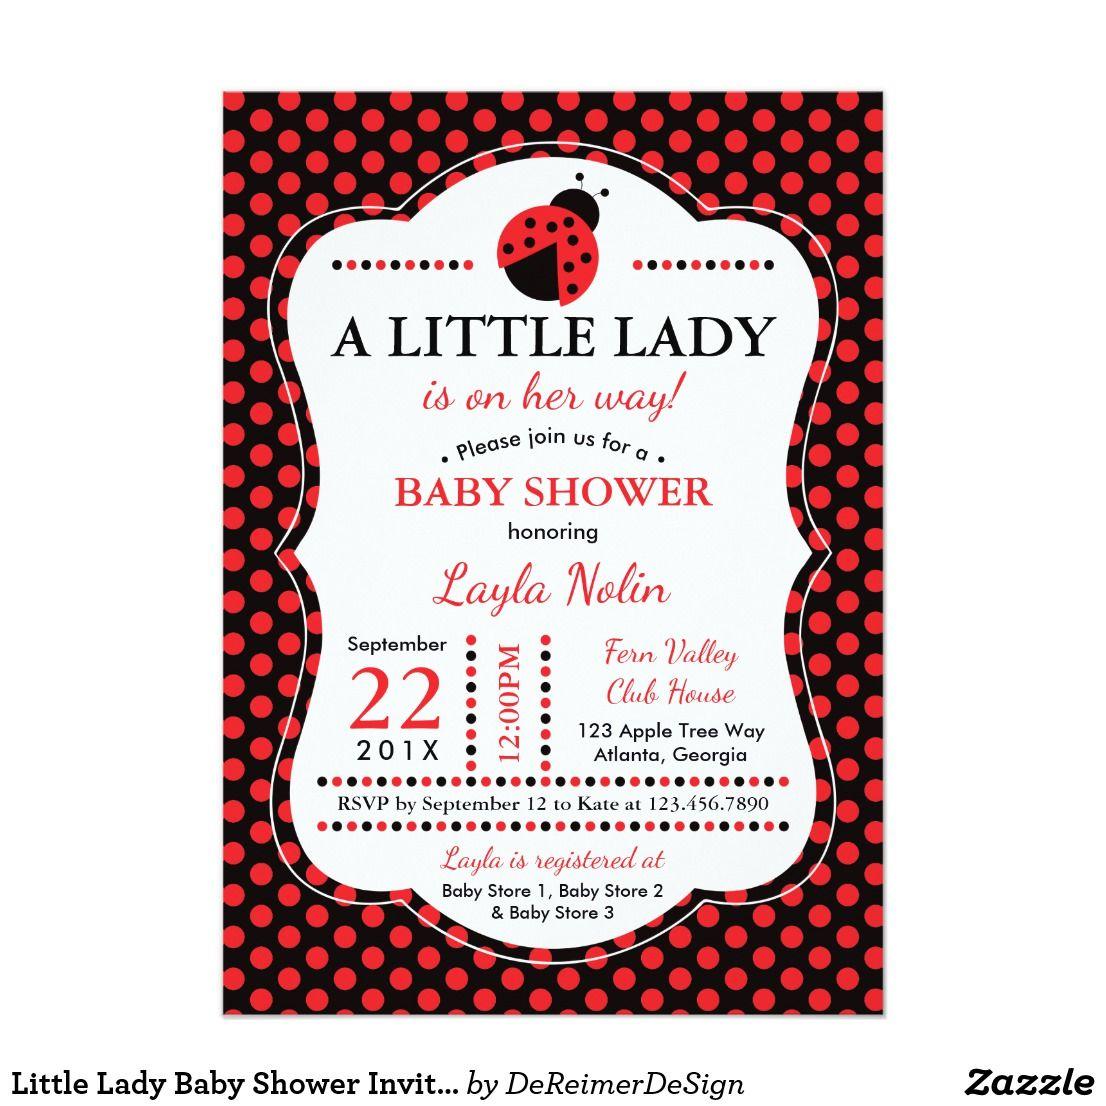 Little Lady Baby Shower Invitation, Ladybug | Baby Shower ...